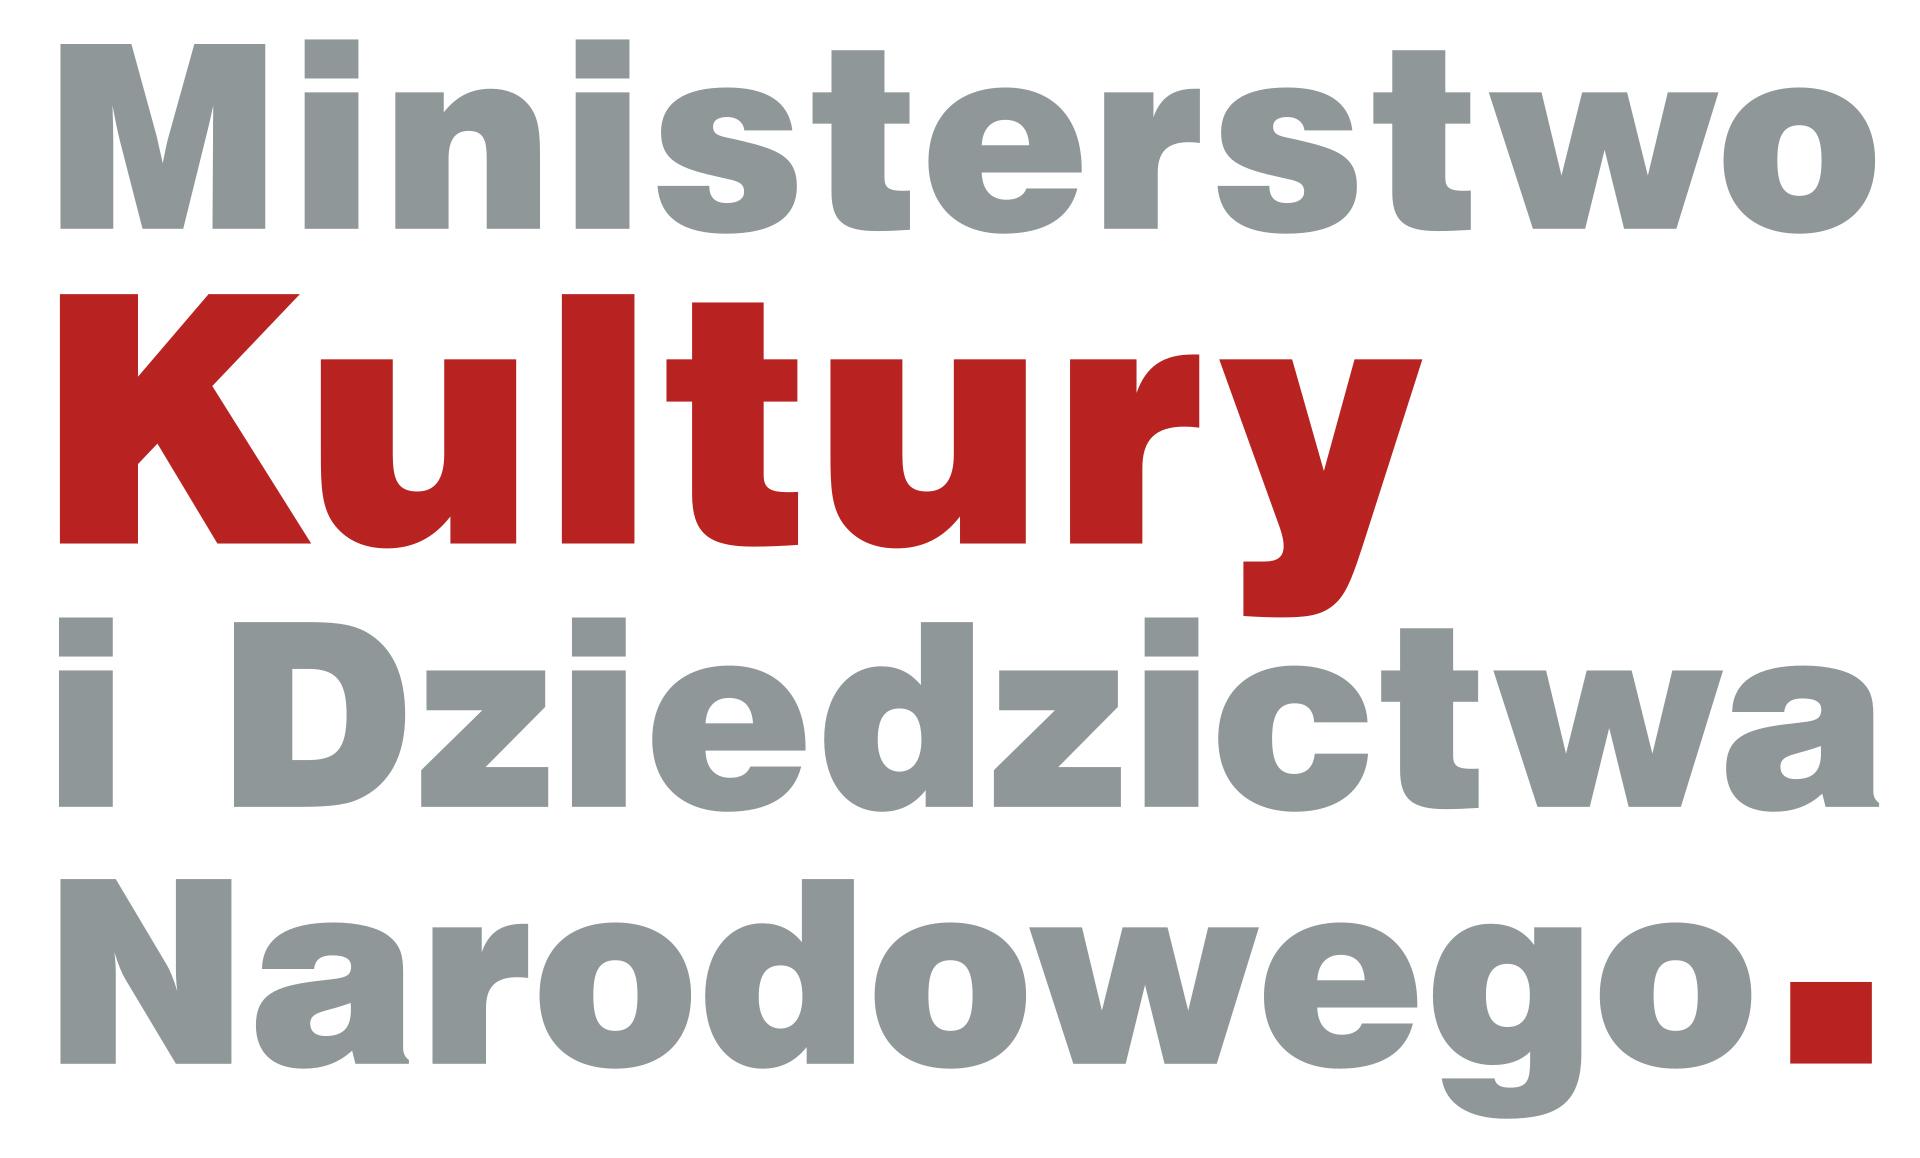 http://m.wmwm.pl/2020/01/orig/ministertwo-6579.jpg